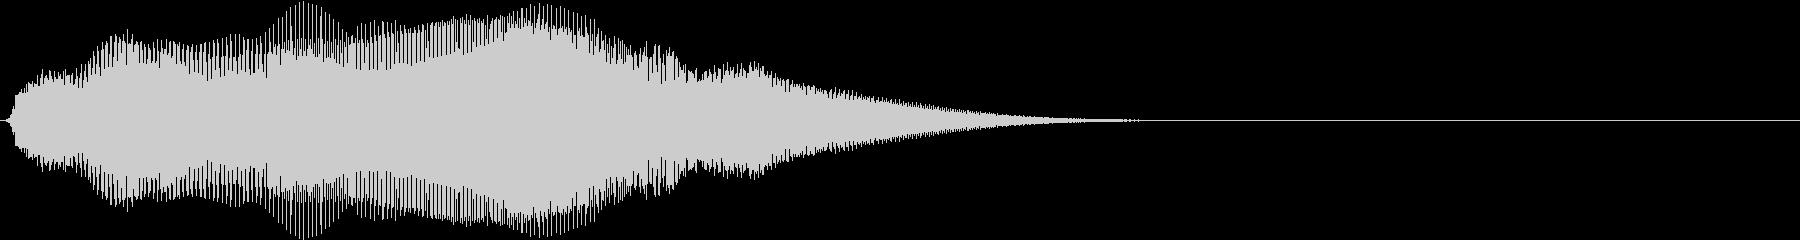 ダークな雰囲気_Eの未再生の波形